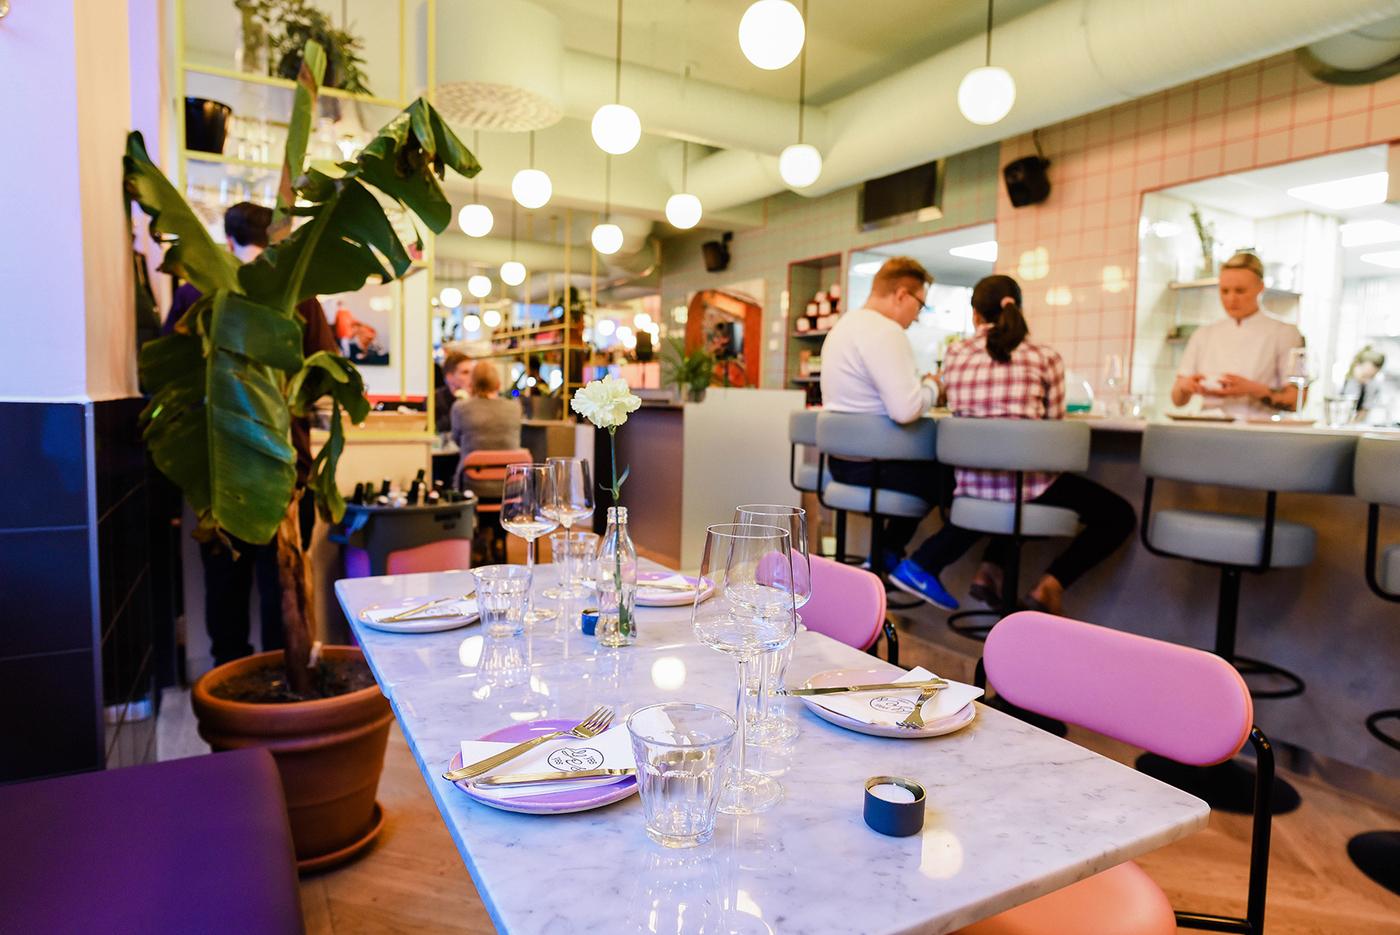 yesyesyes-ravintola-restaurant-helsinki-sundayblondie-7.jpg